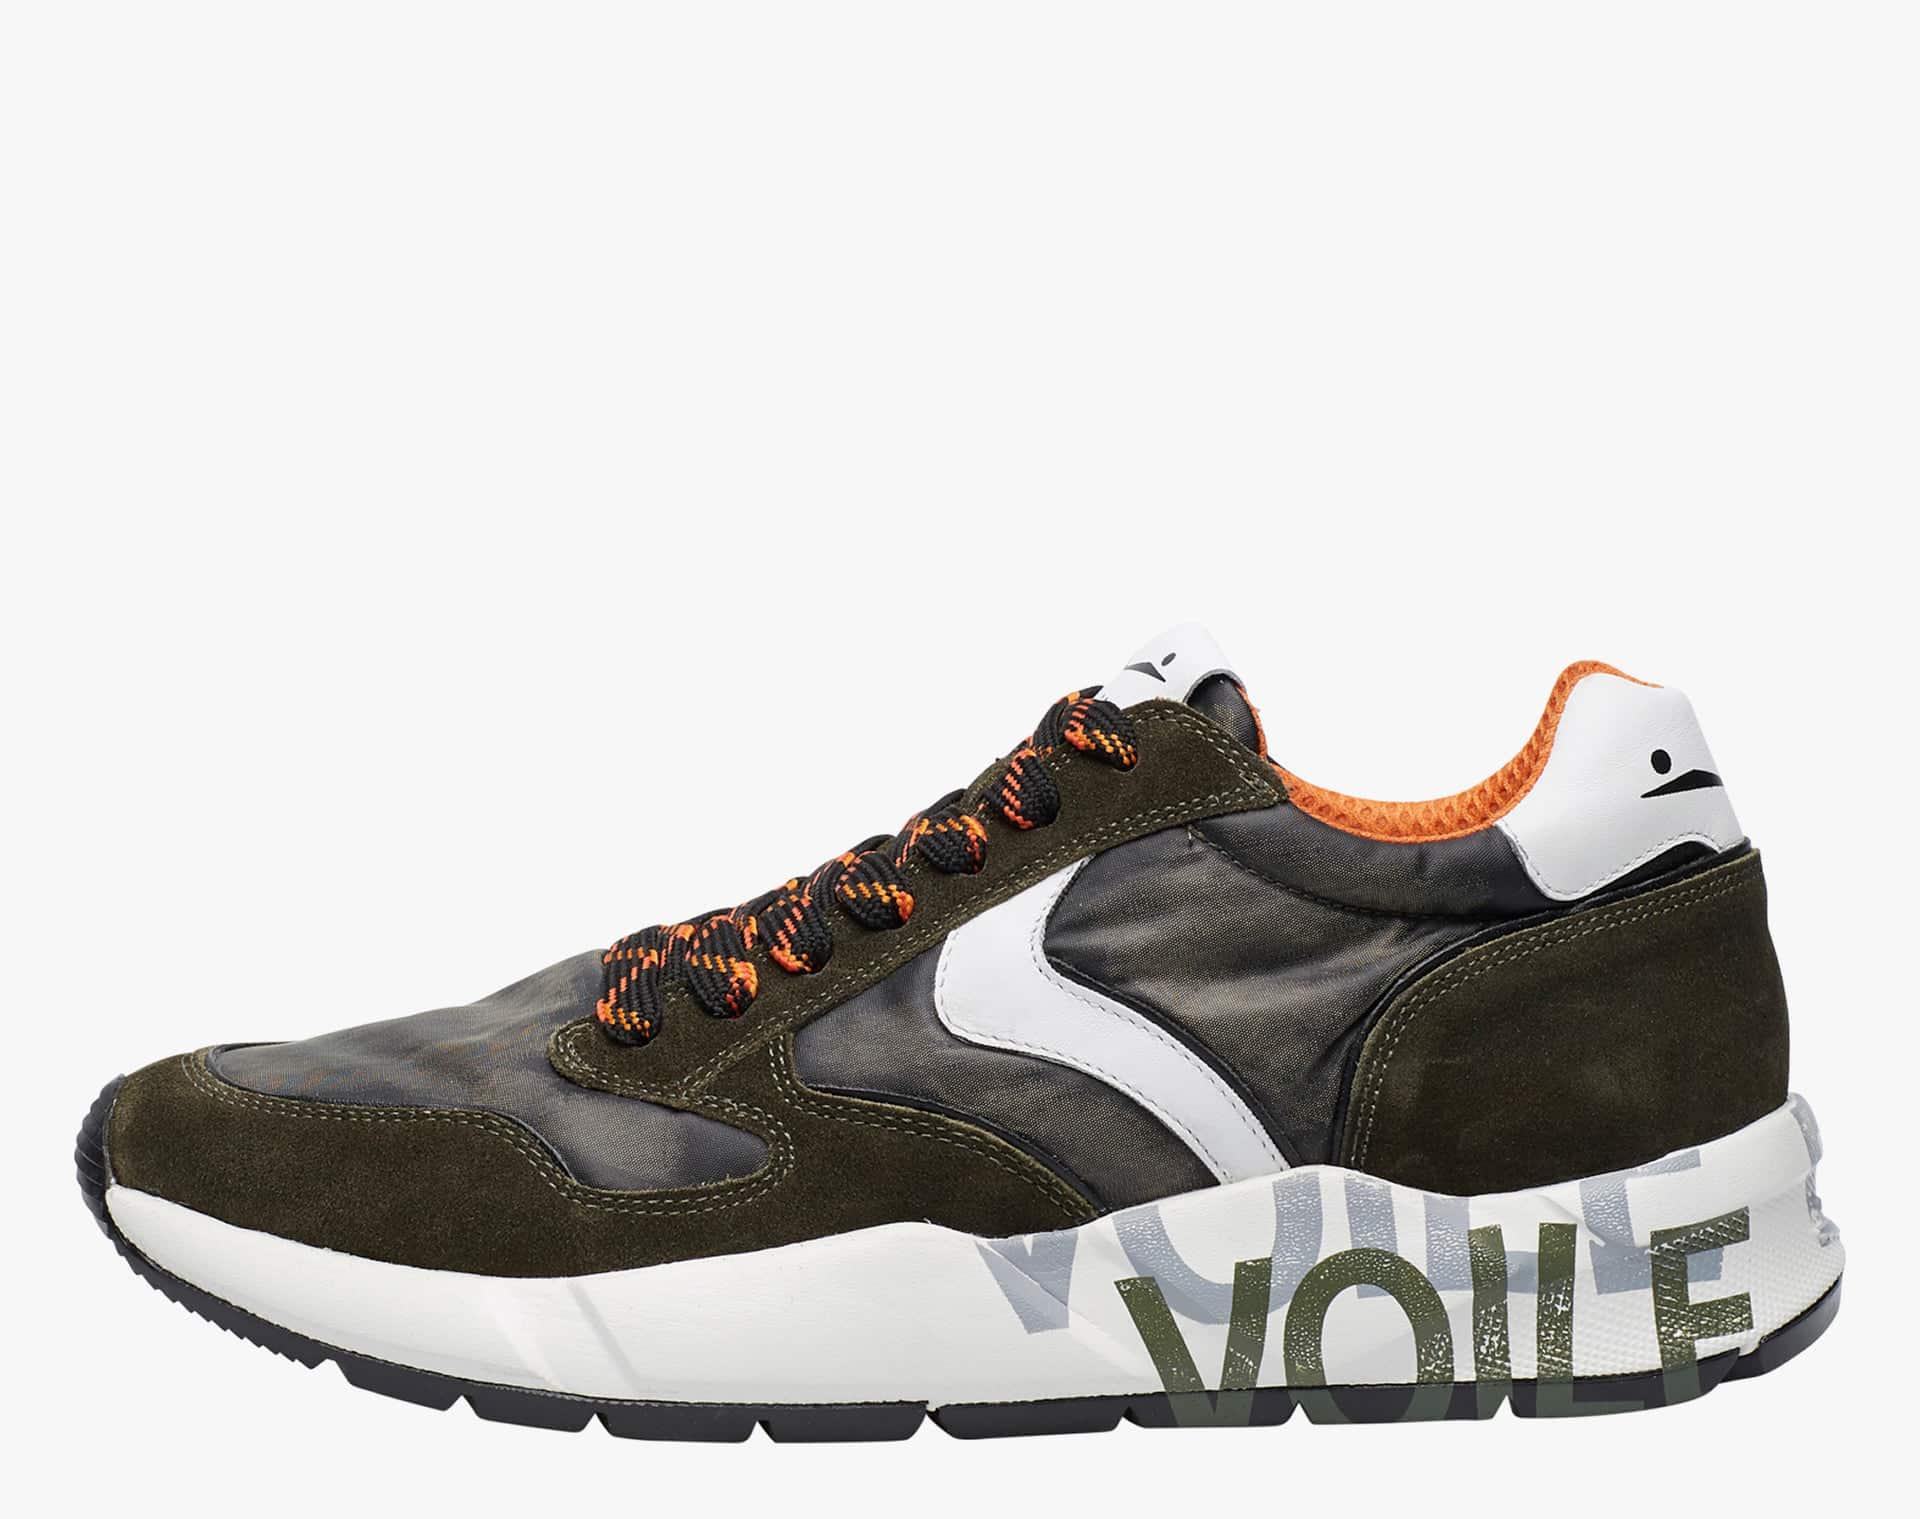 ARPOLH EASY - Sneaker in pelle e tessuto tecnico decolorato - Verde/Militare